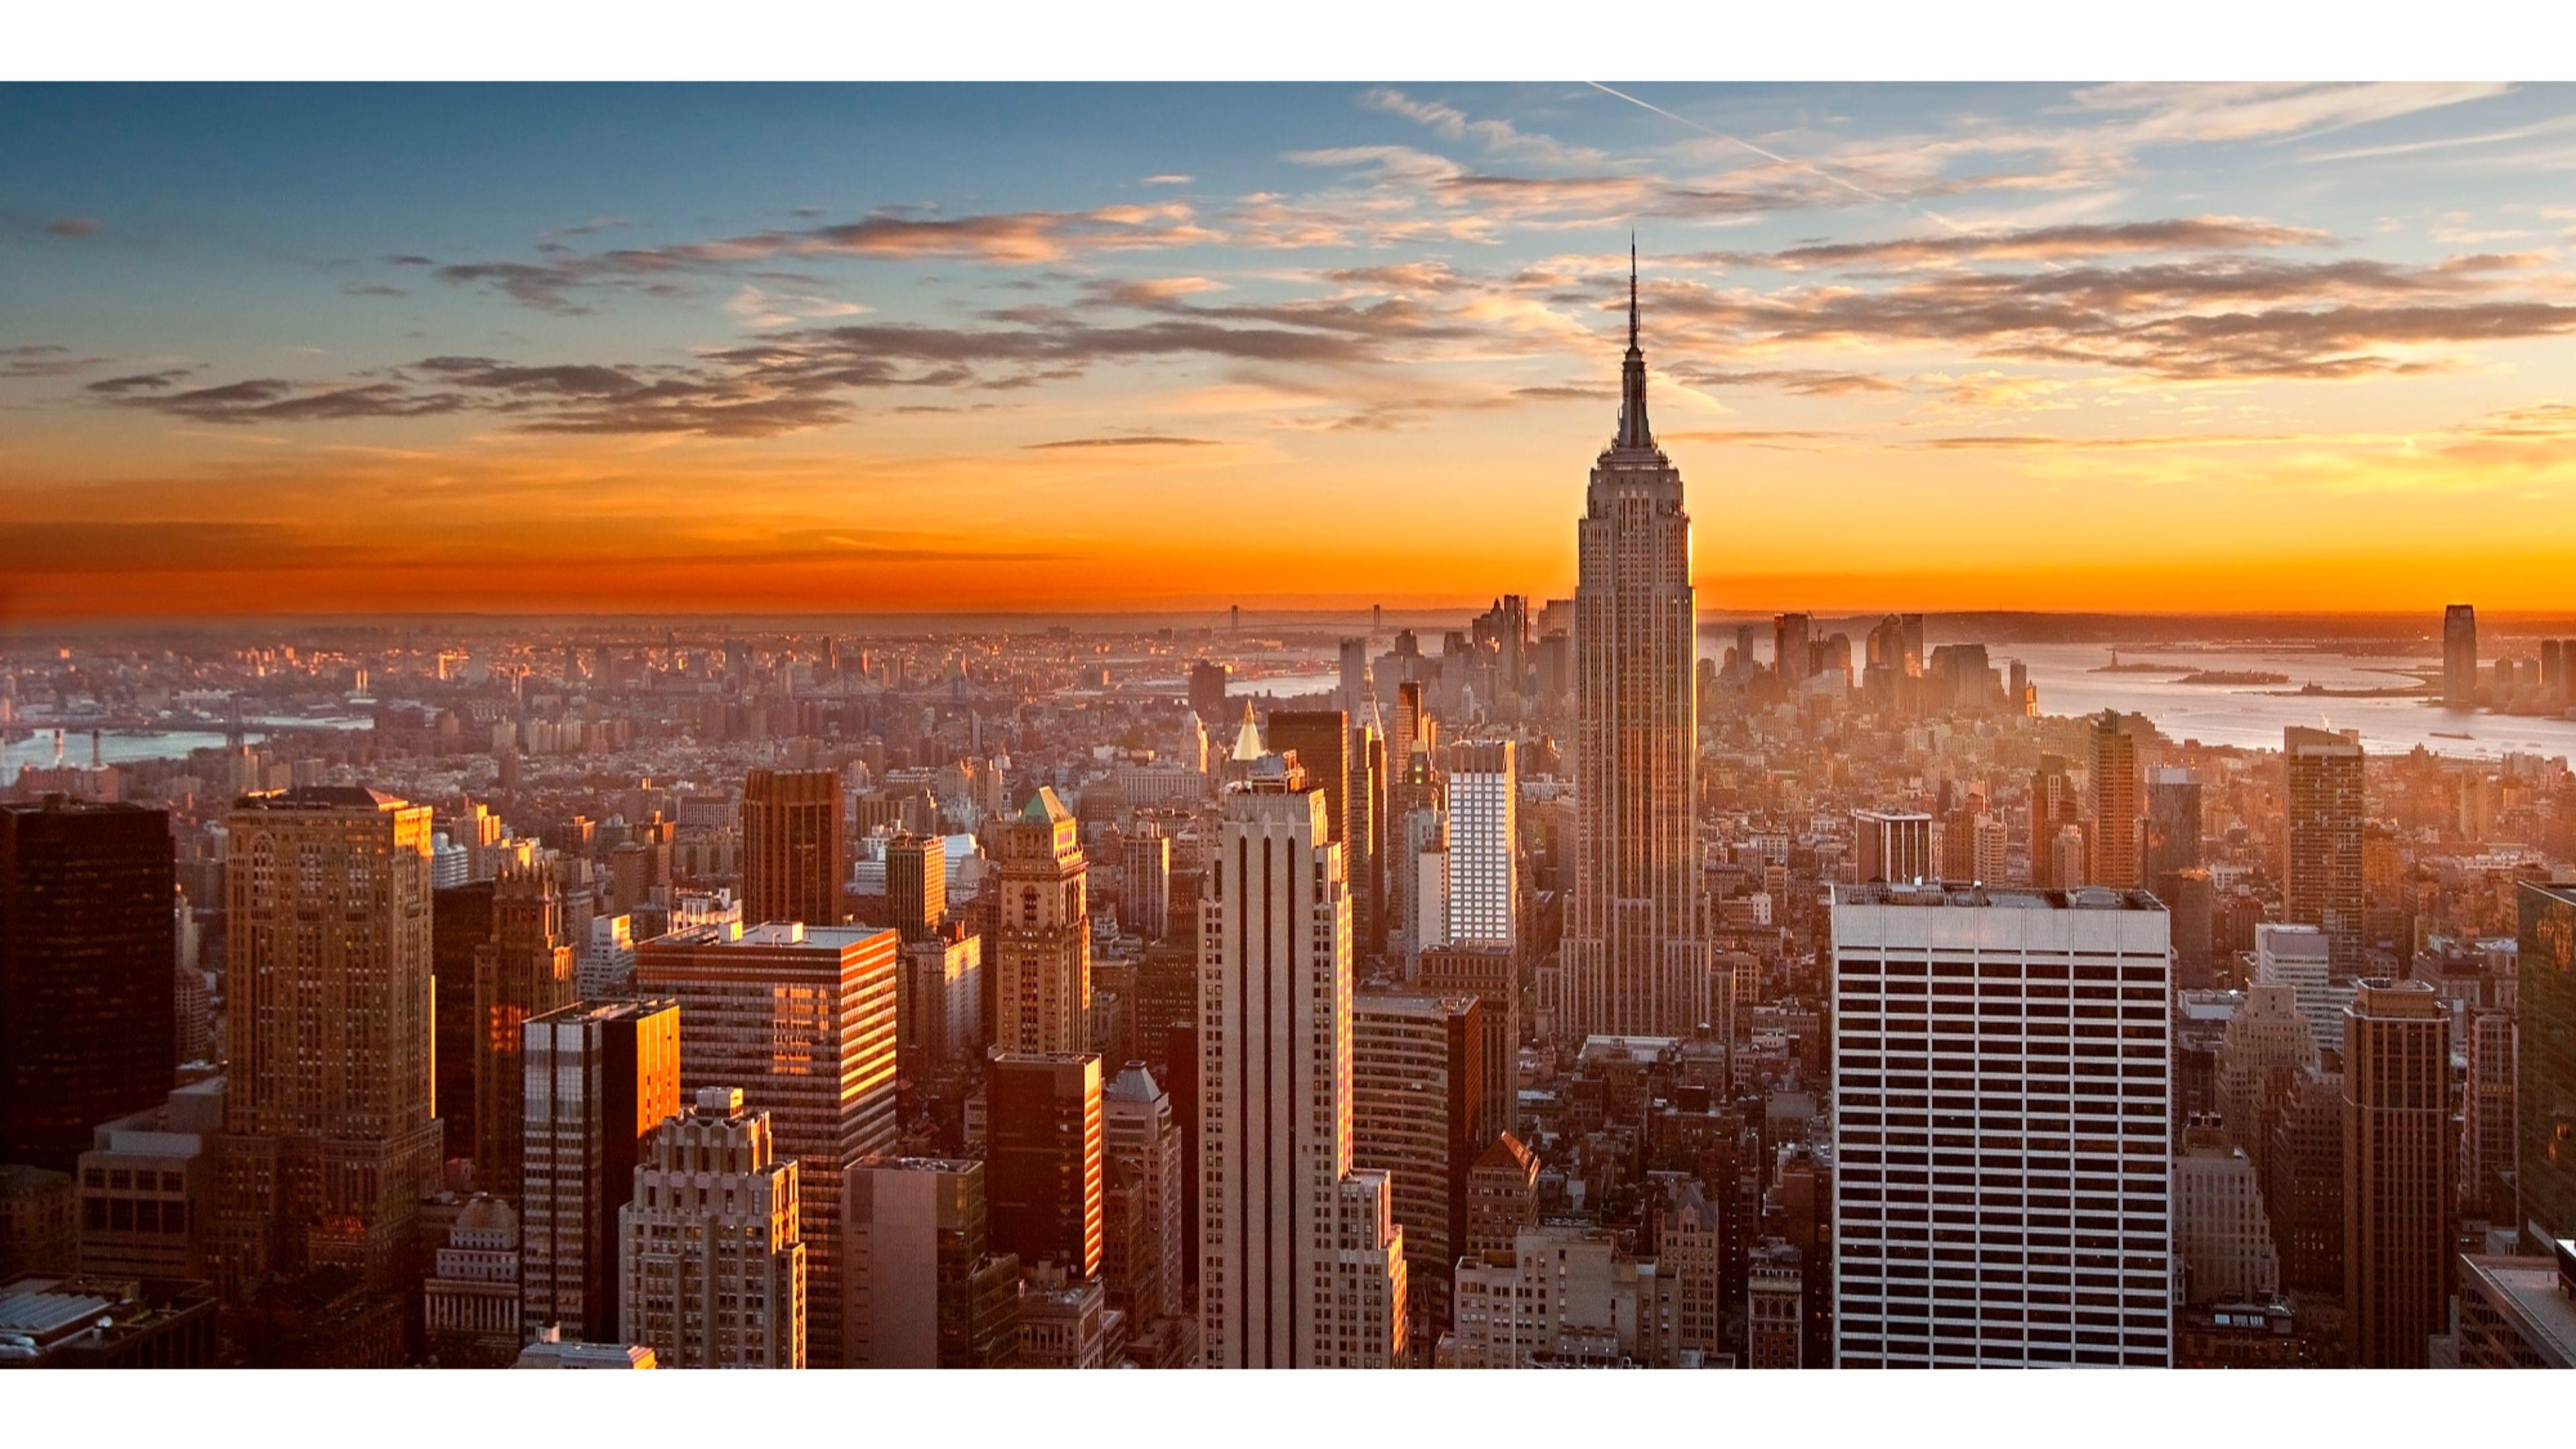 4K New York Wallpaper (31+ Images